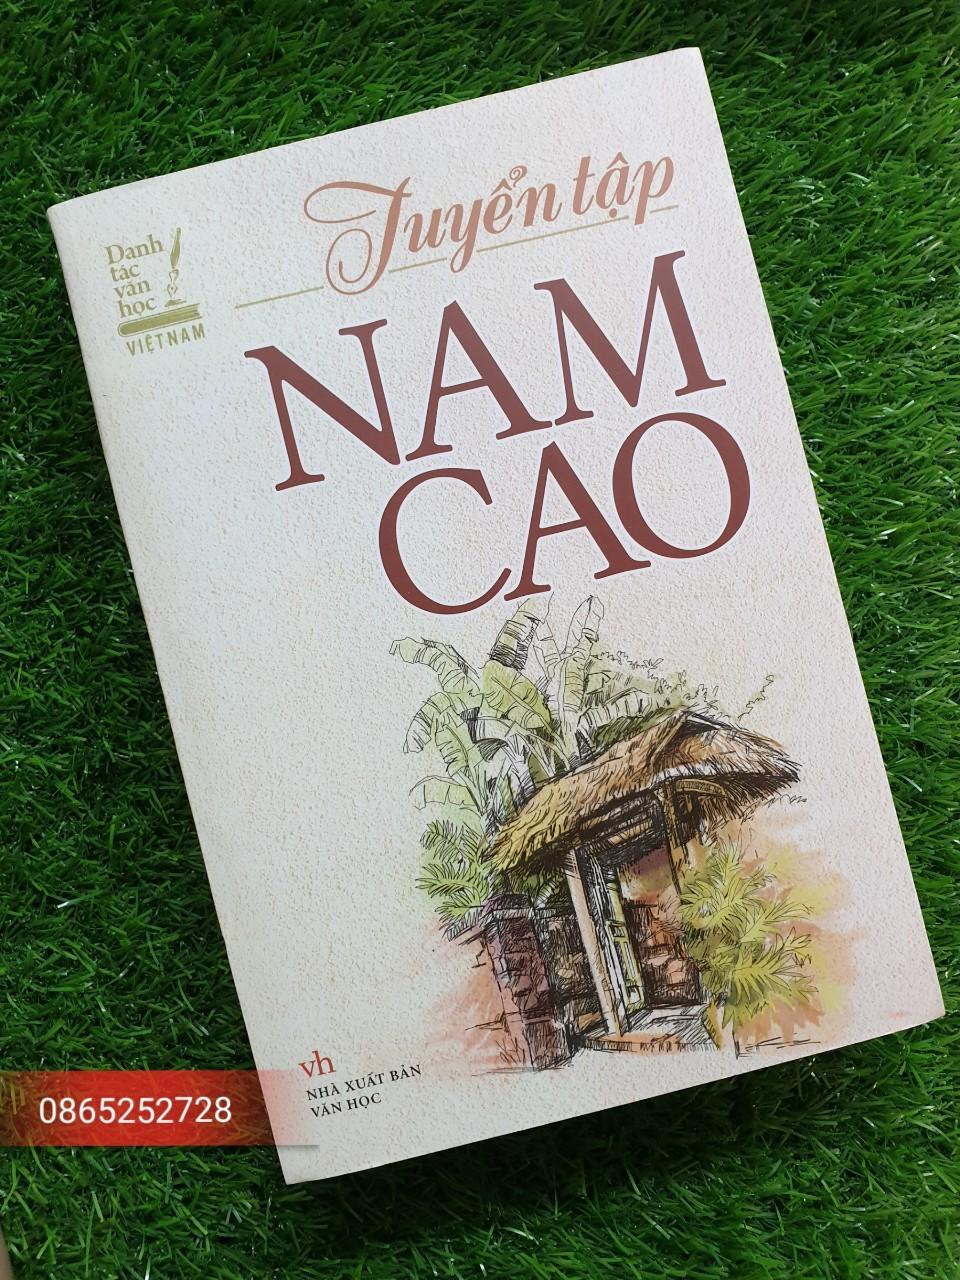 Mua Sách Tuyển Tập Nam Cao (Bìa mềm)